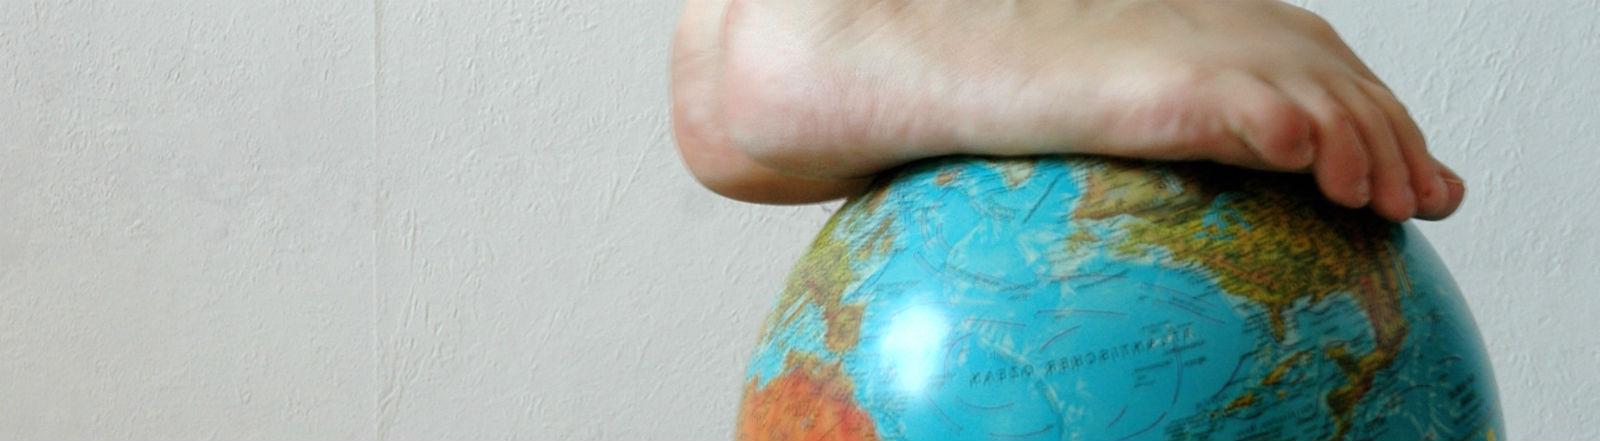 Zwei nackte Füße stehen vor einer tapezierten Wand auf einem Globus.